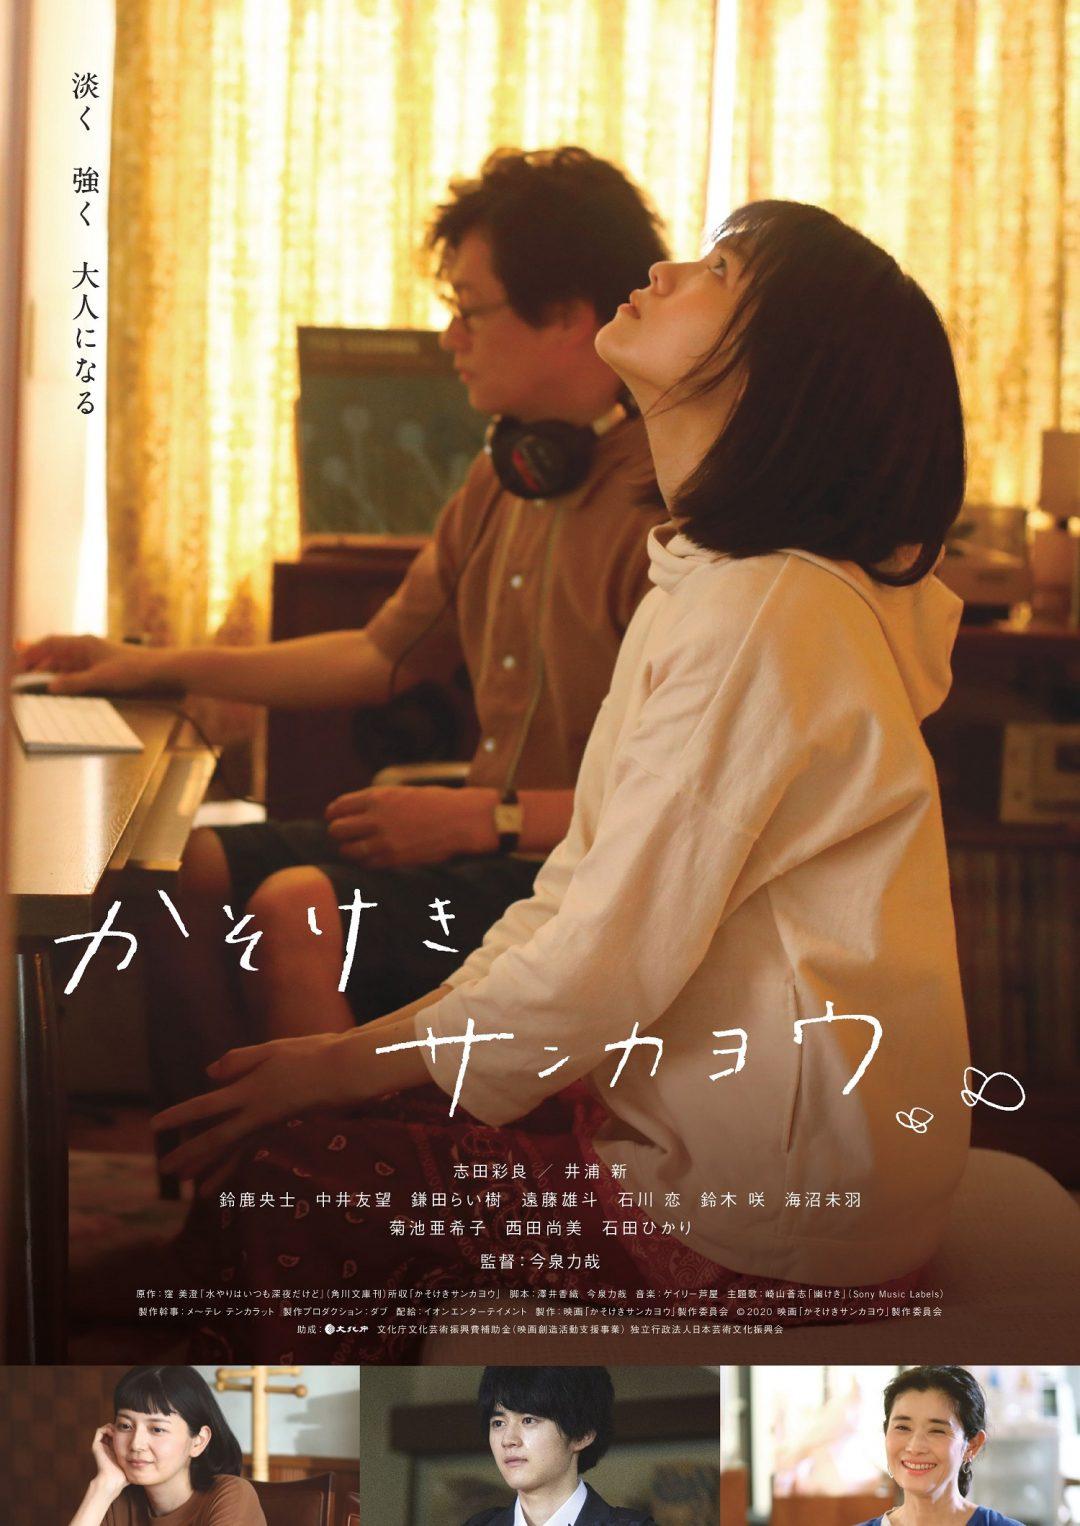 映画『かそけきサンカヨウ』 崎山蒼志が書き下ろした主題歌にのせた予告映像が公開